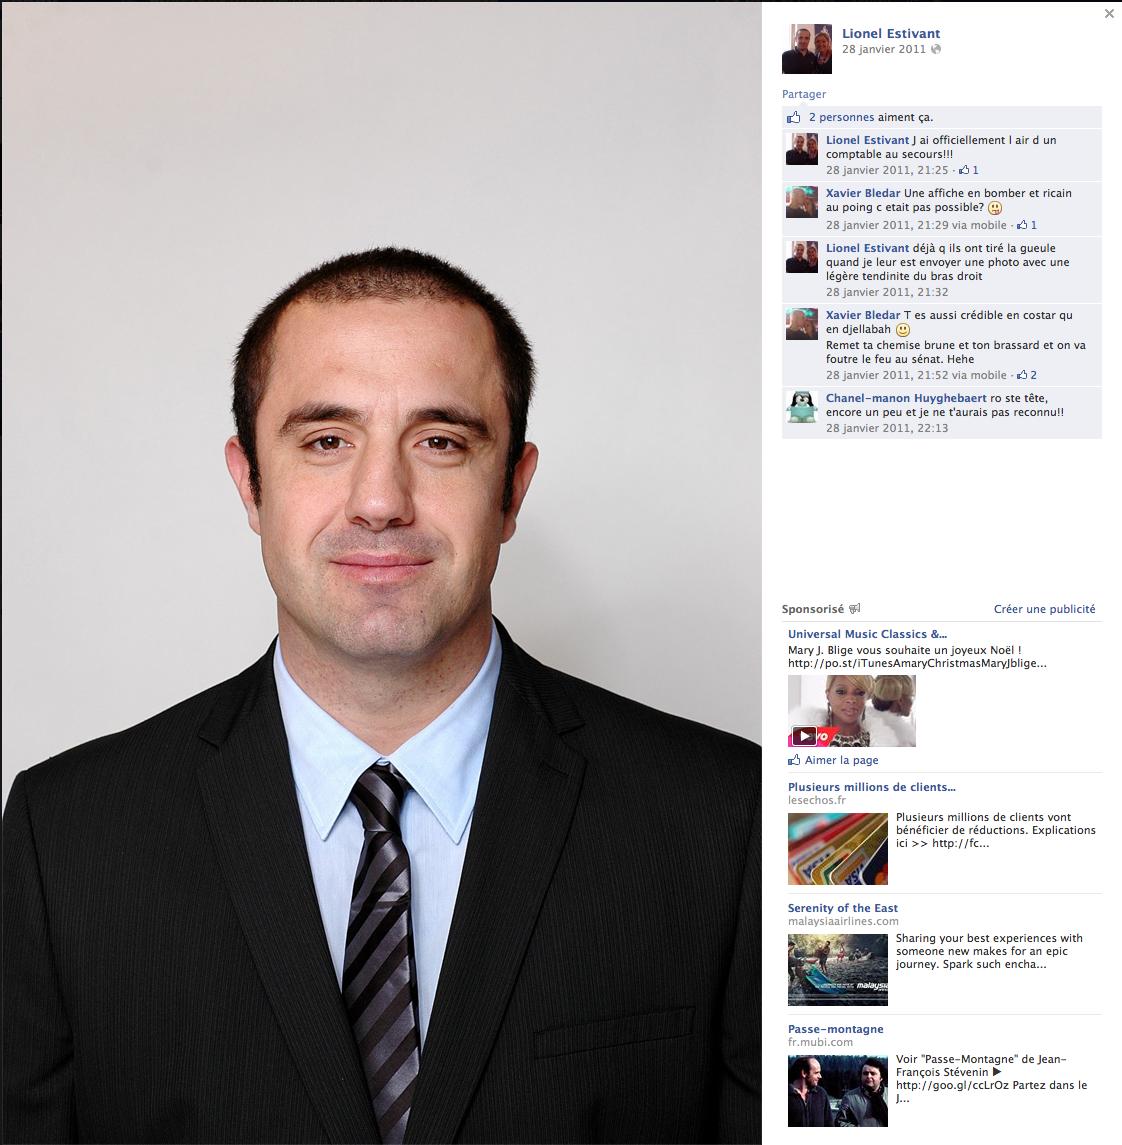 Photo de Lionel Estivant (FN) visible sur son compte Facebook. Cliquer pour agrandir et visionner les commentaires.